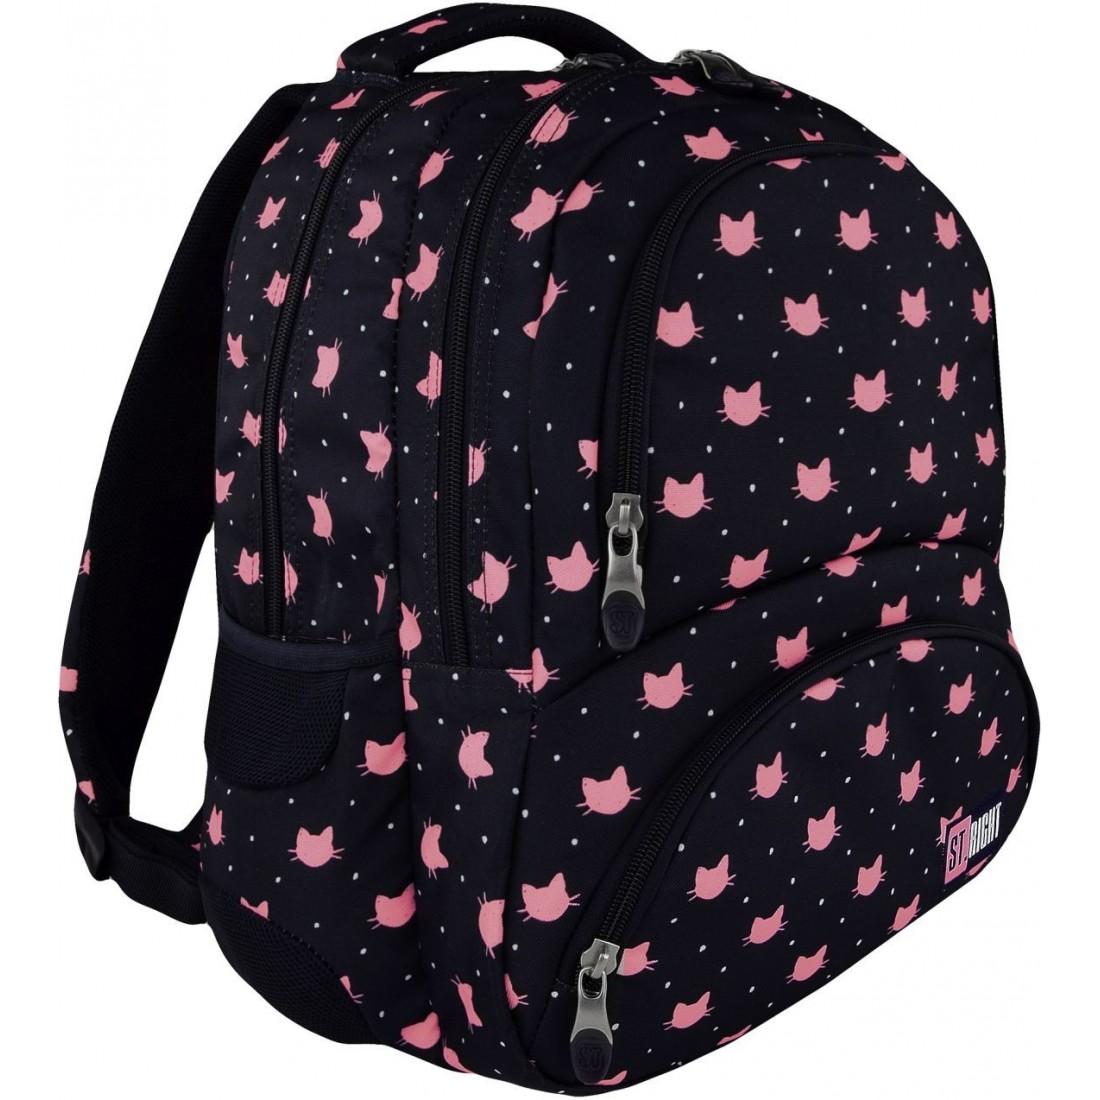 39e10526a2062 ST.RIGHT - model 07 posiada wszystkie cechy plecaka szkolnego z prawdziwego  zdarzenia. Plecak otrzymał prestiżową nagrodę za innowacyjność na targach  ISPA ...